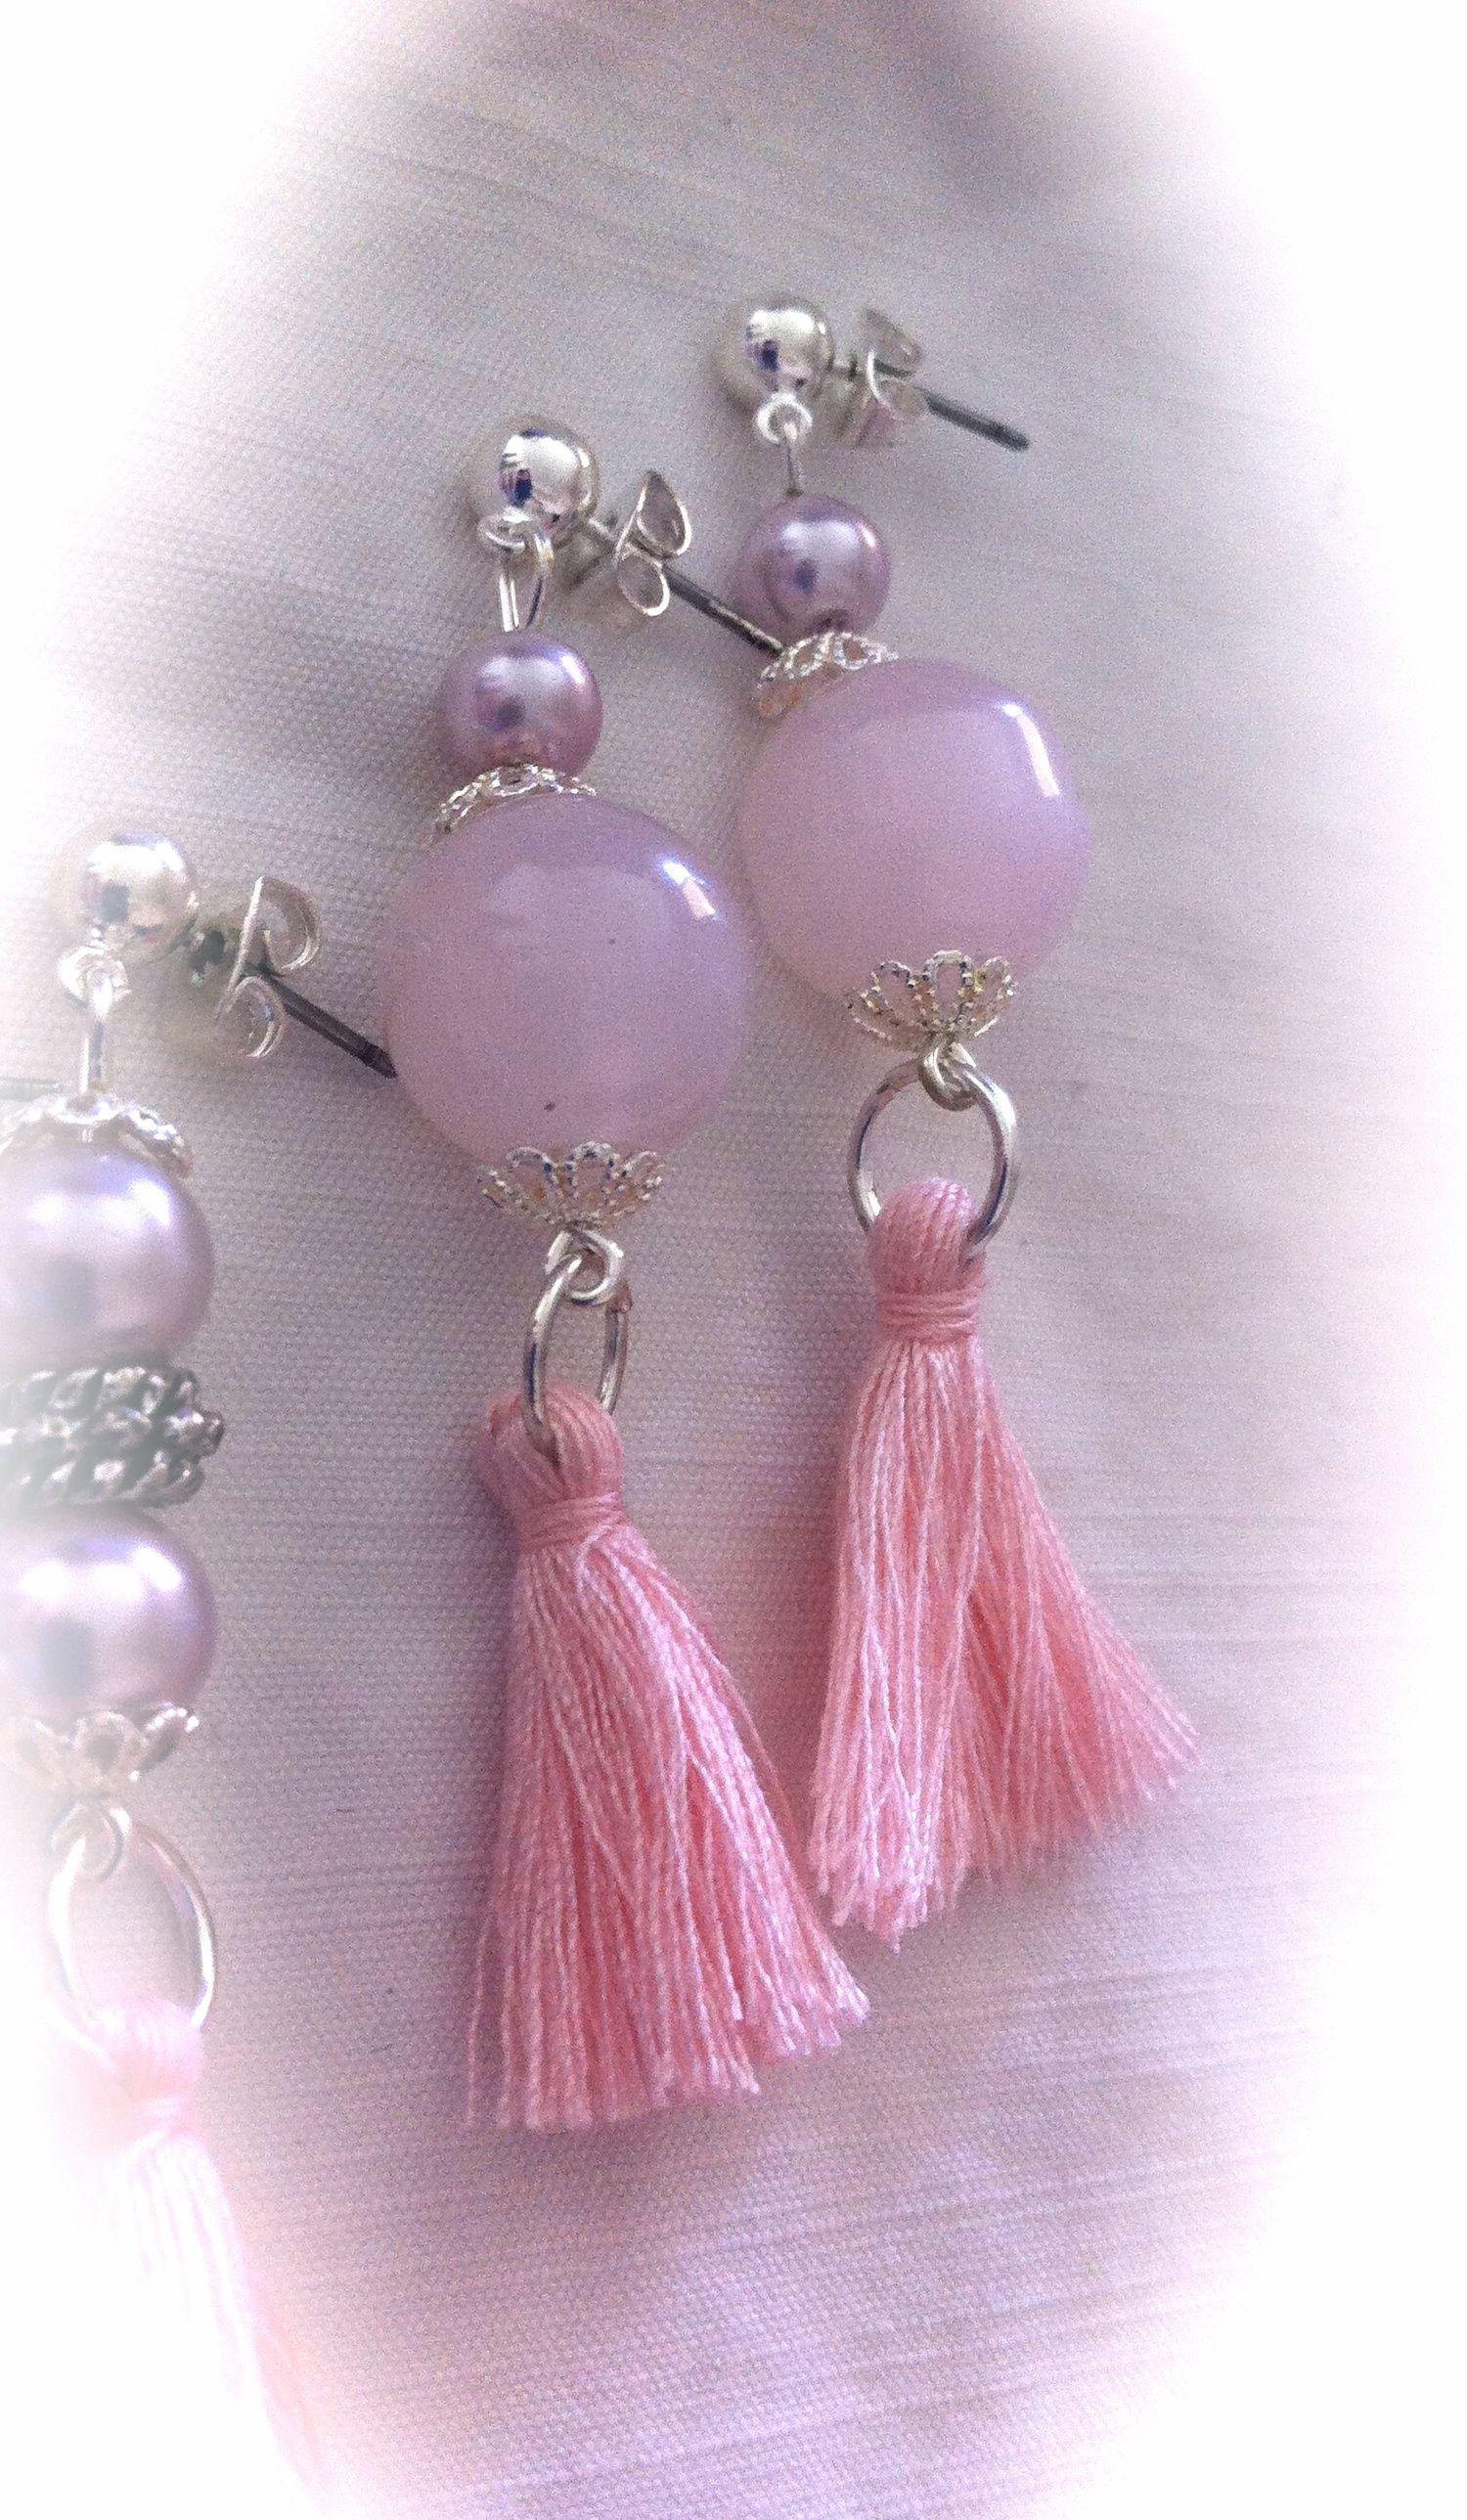 Pendientes con perlas cristal rosa, bola cristal rosa y pompones de algodón: 5,50€